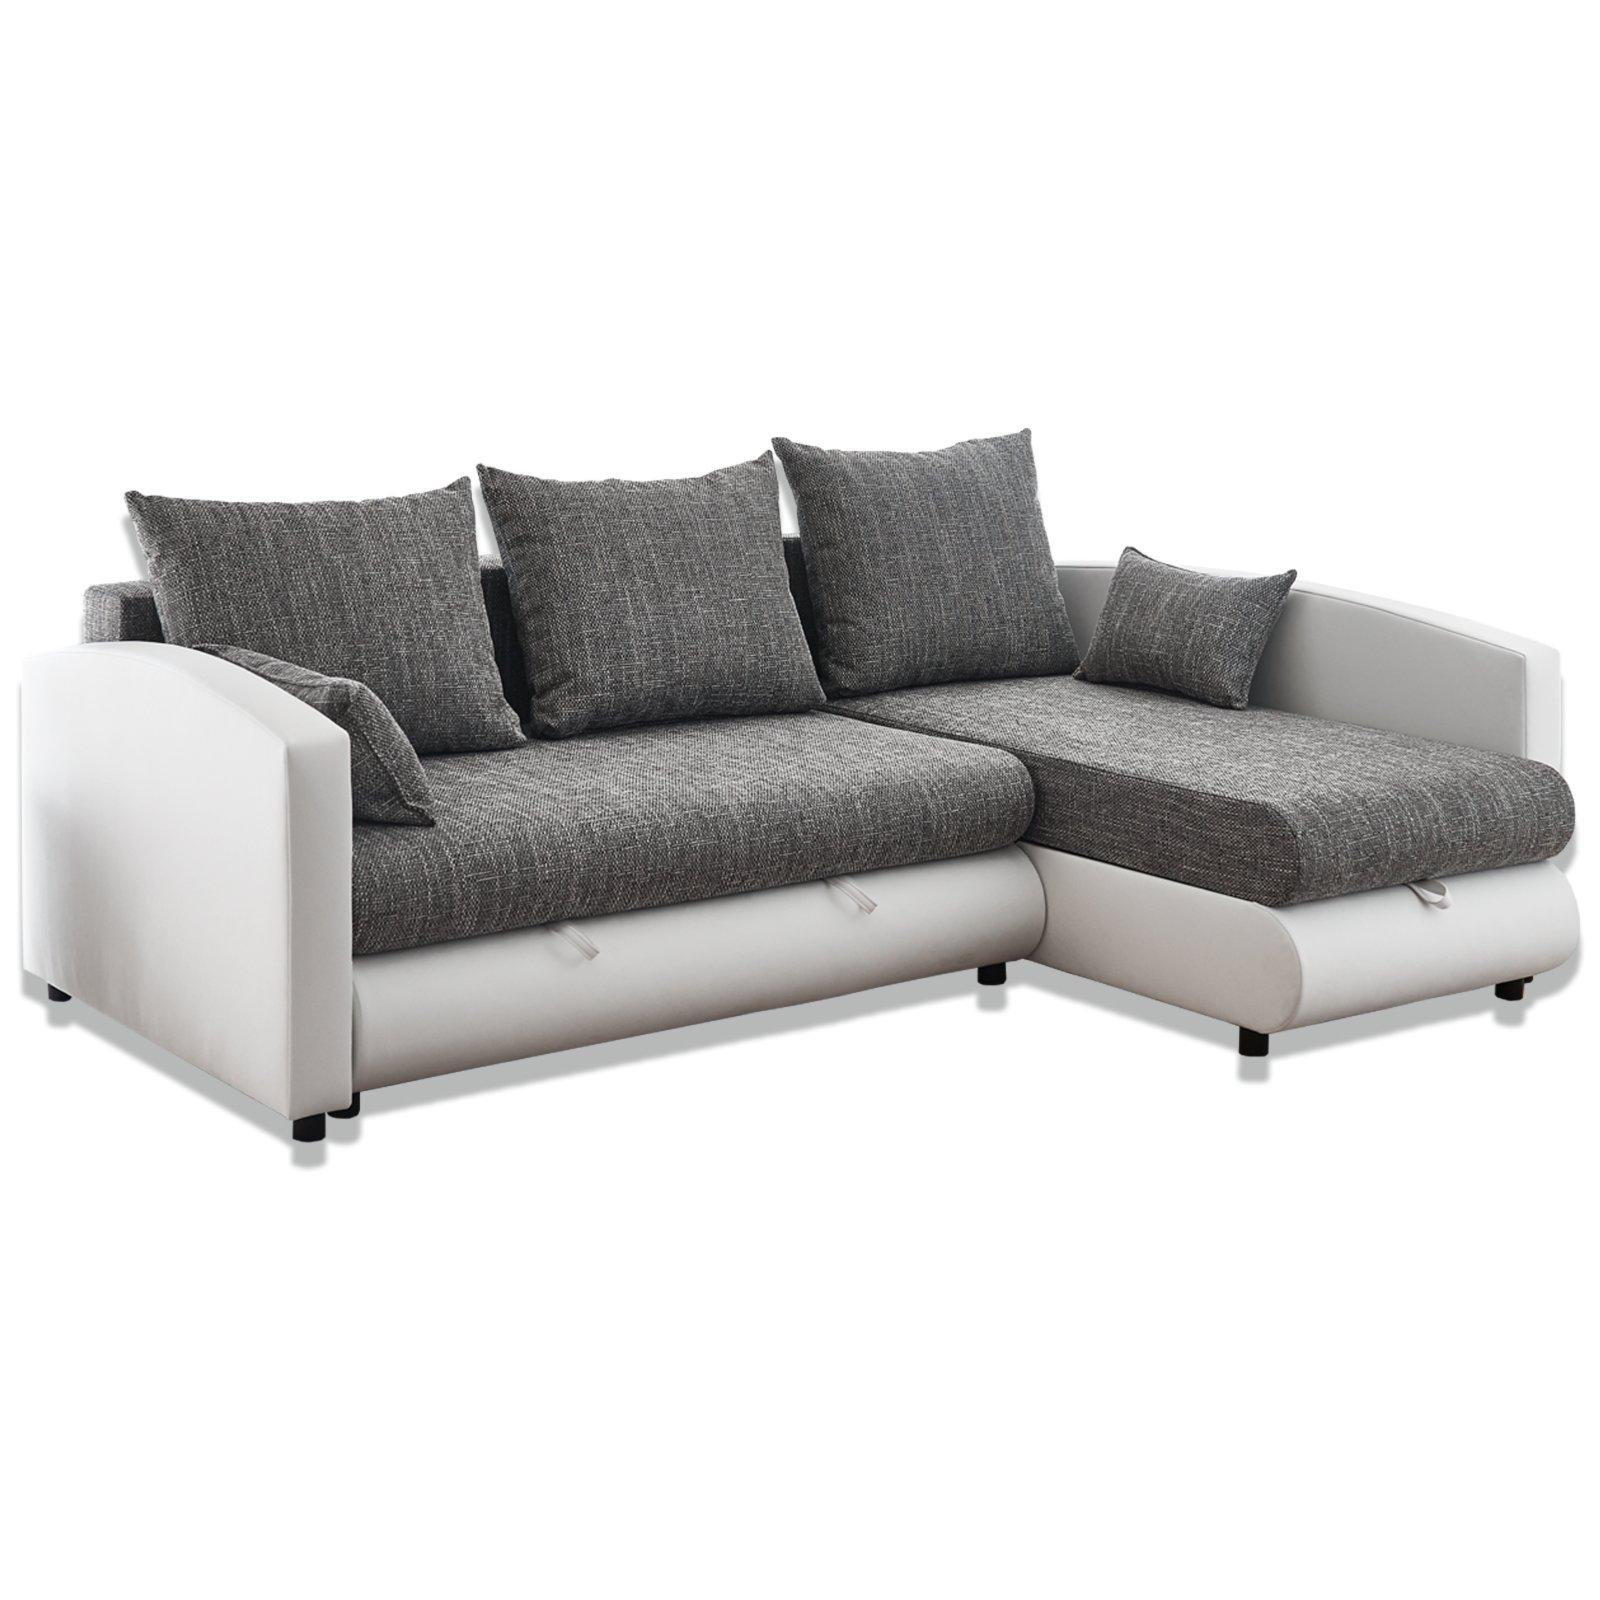 Bezaubernd Sofa Weiß Grau Das Beste Von Ecksofa - Weiß-grau - Mit Liegefunktion